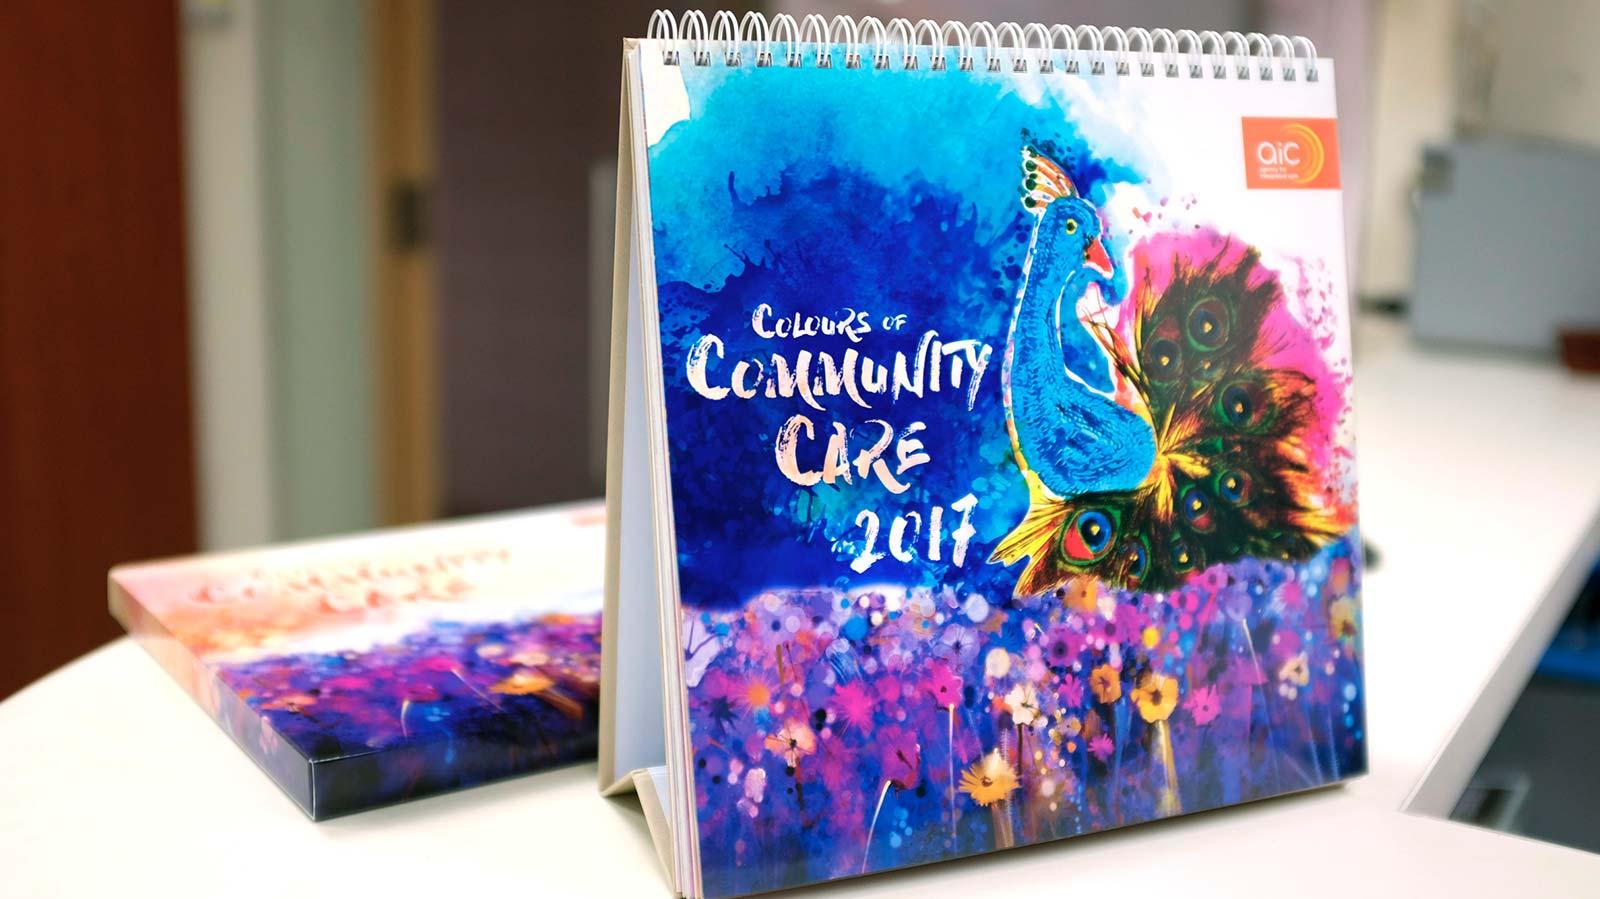 AIC Calendar 2017